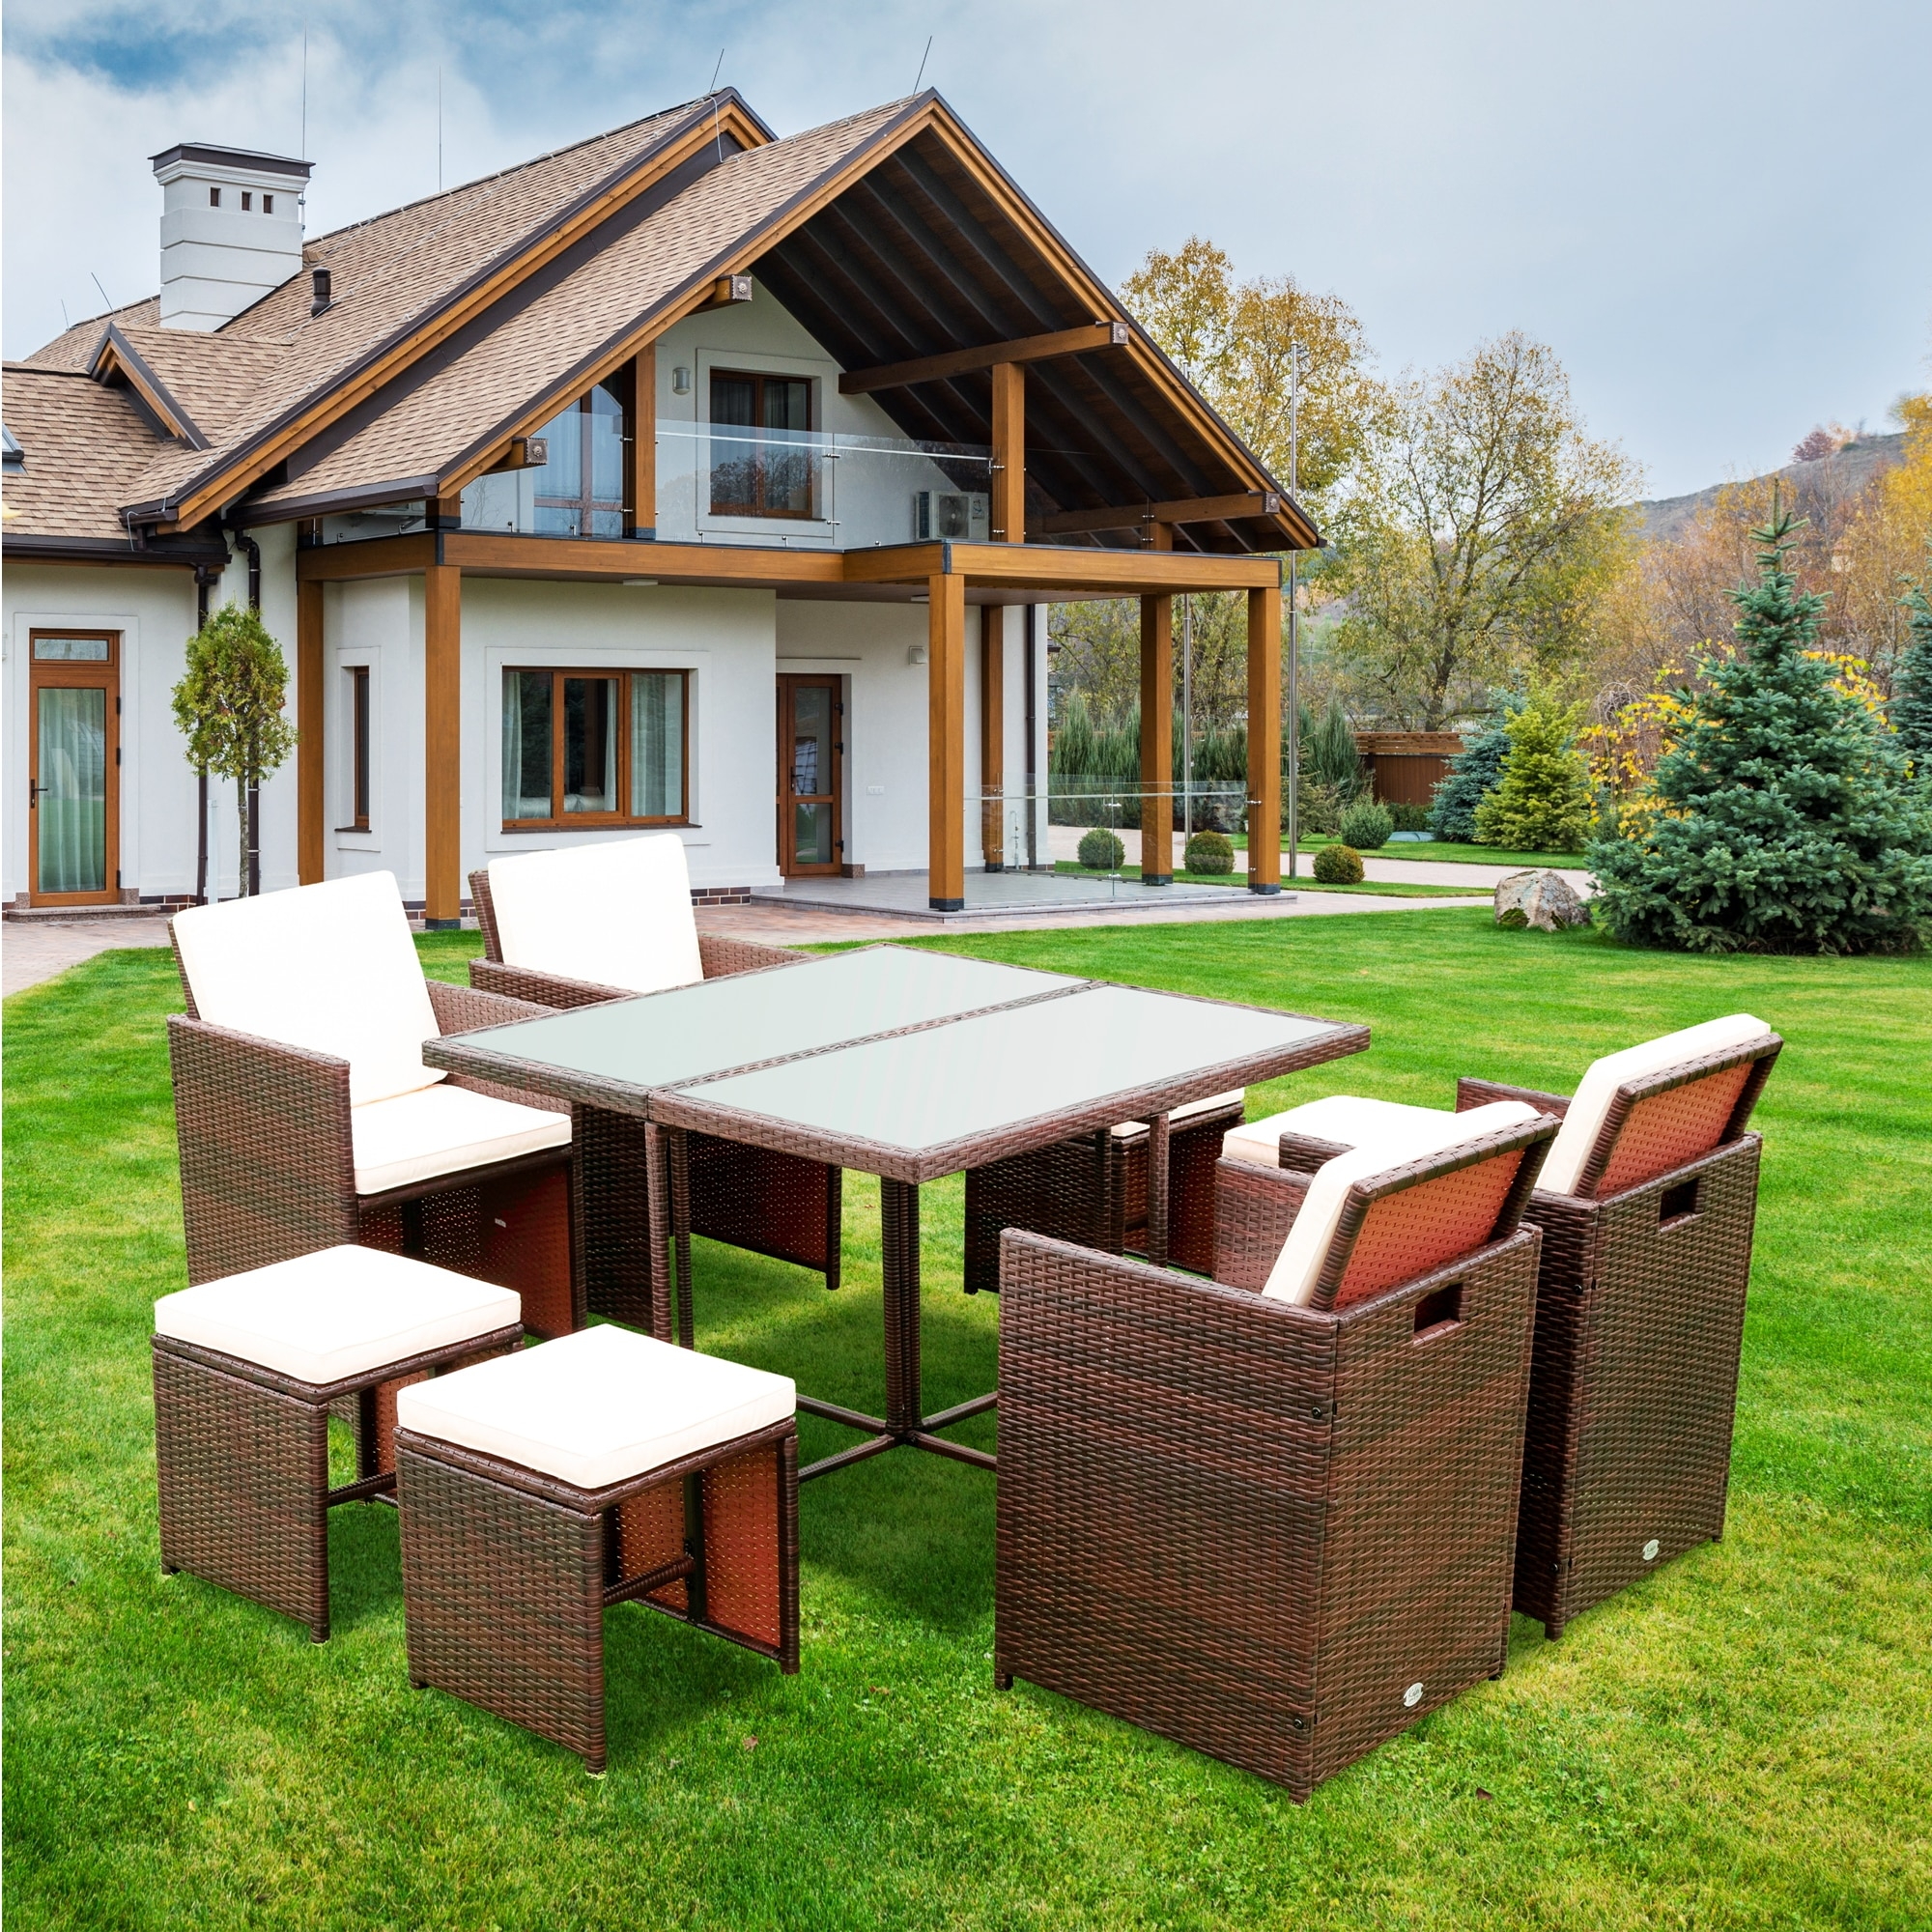 Набор секционных диванов из 9 предметов, комплект мебели для патио, комплект диванов для разговора, садовые аксессуары, украшения для дома